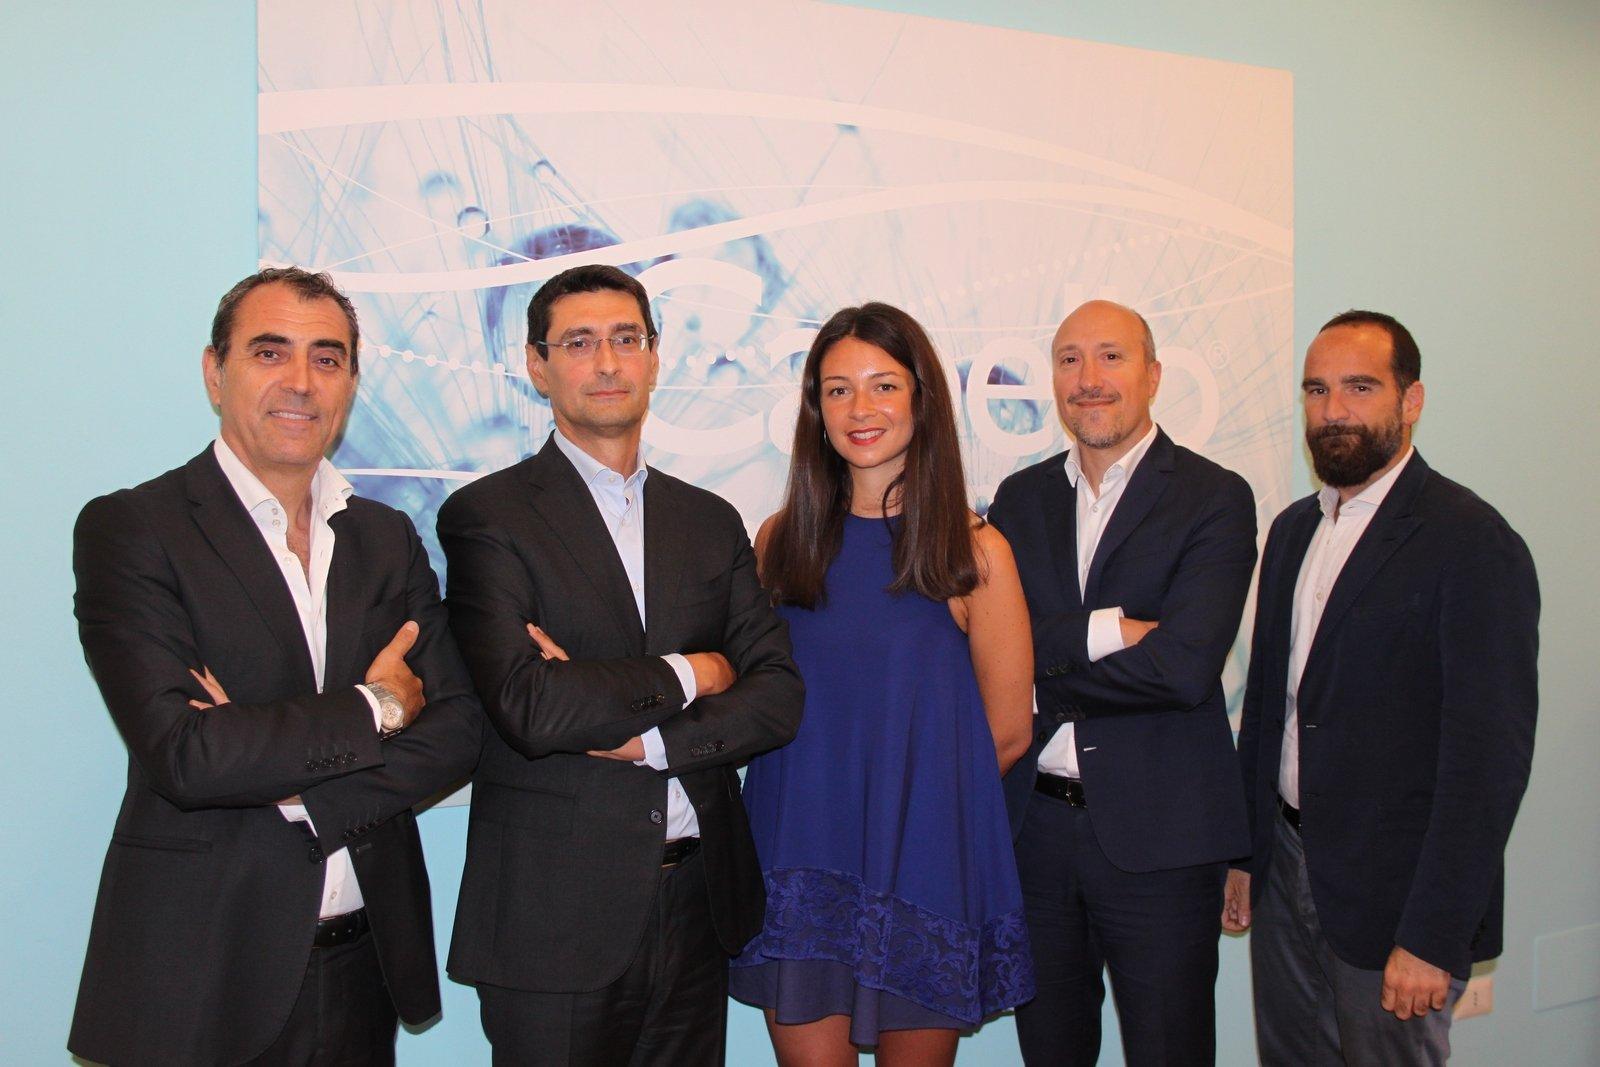 Il management team di Capello Point